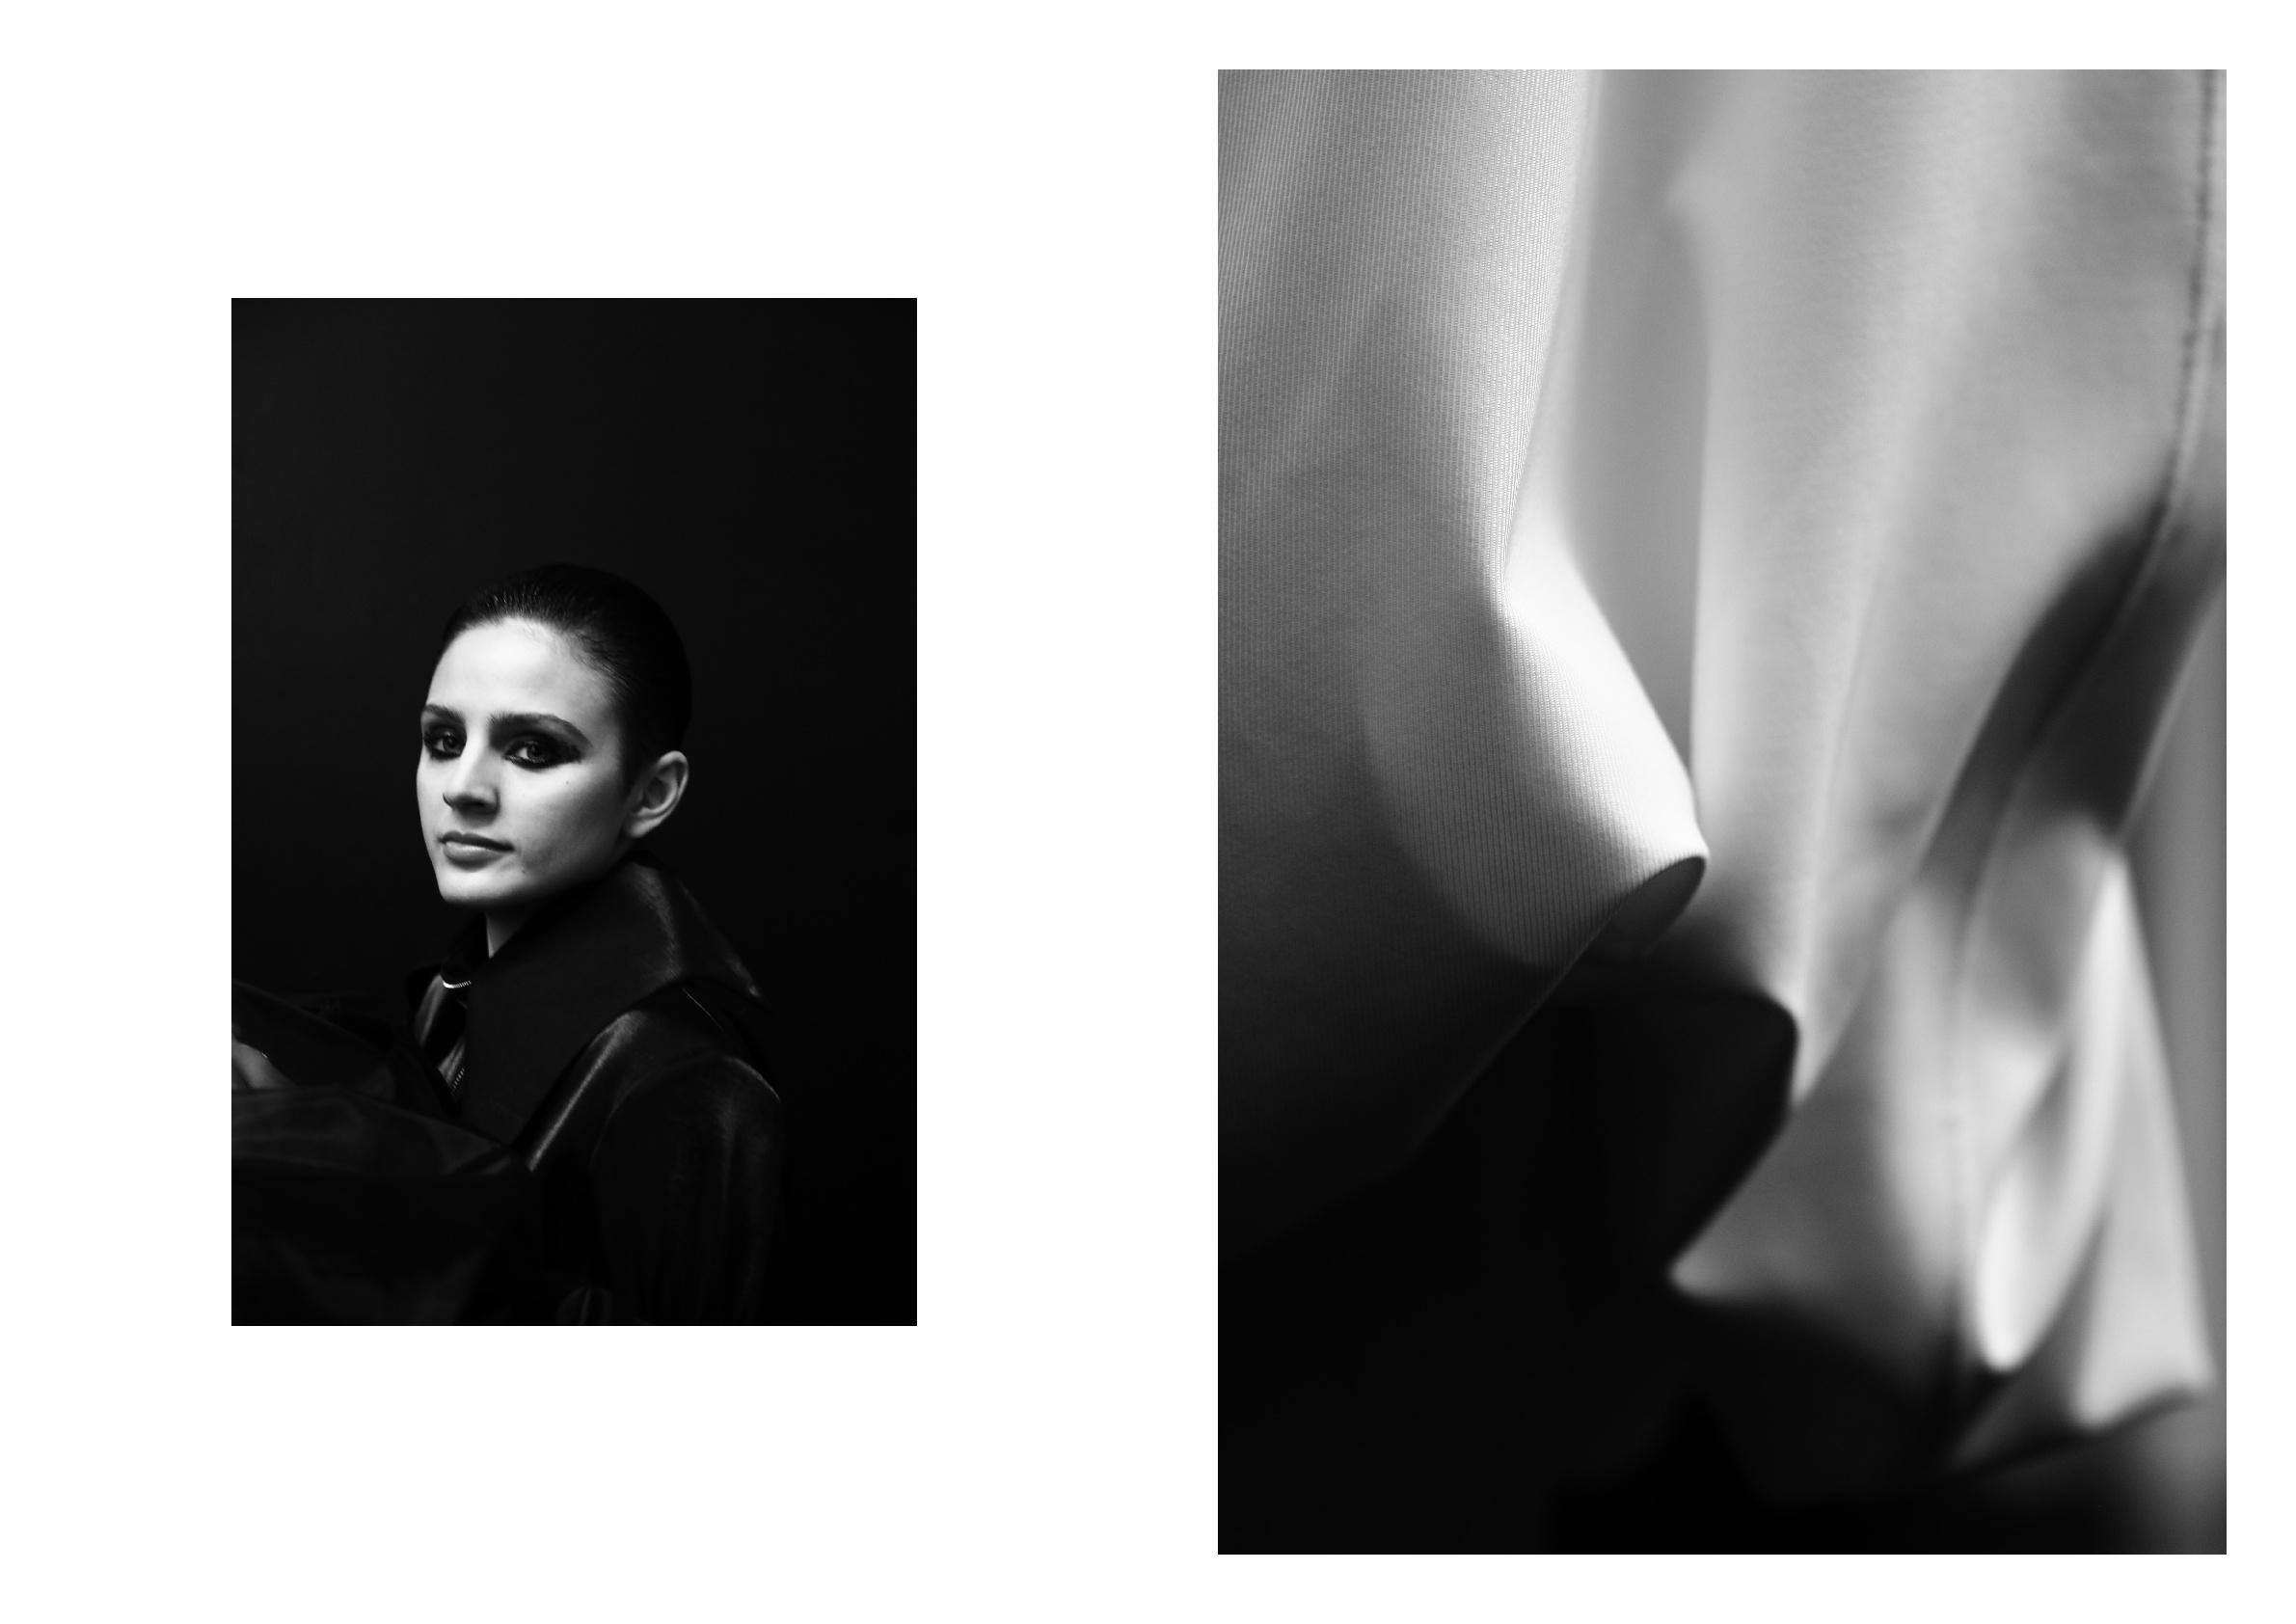 Unai-Mateo---Fashion-Portfolio2-015.jpg